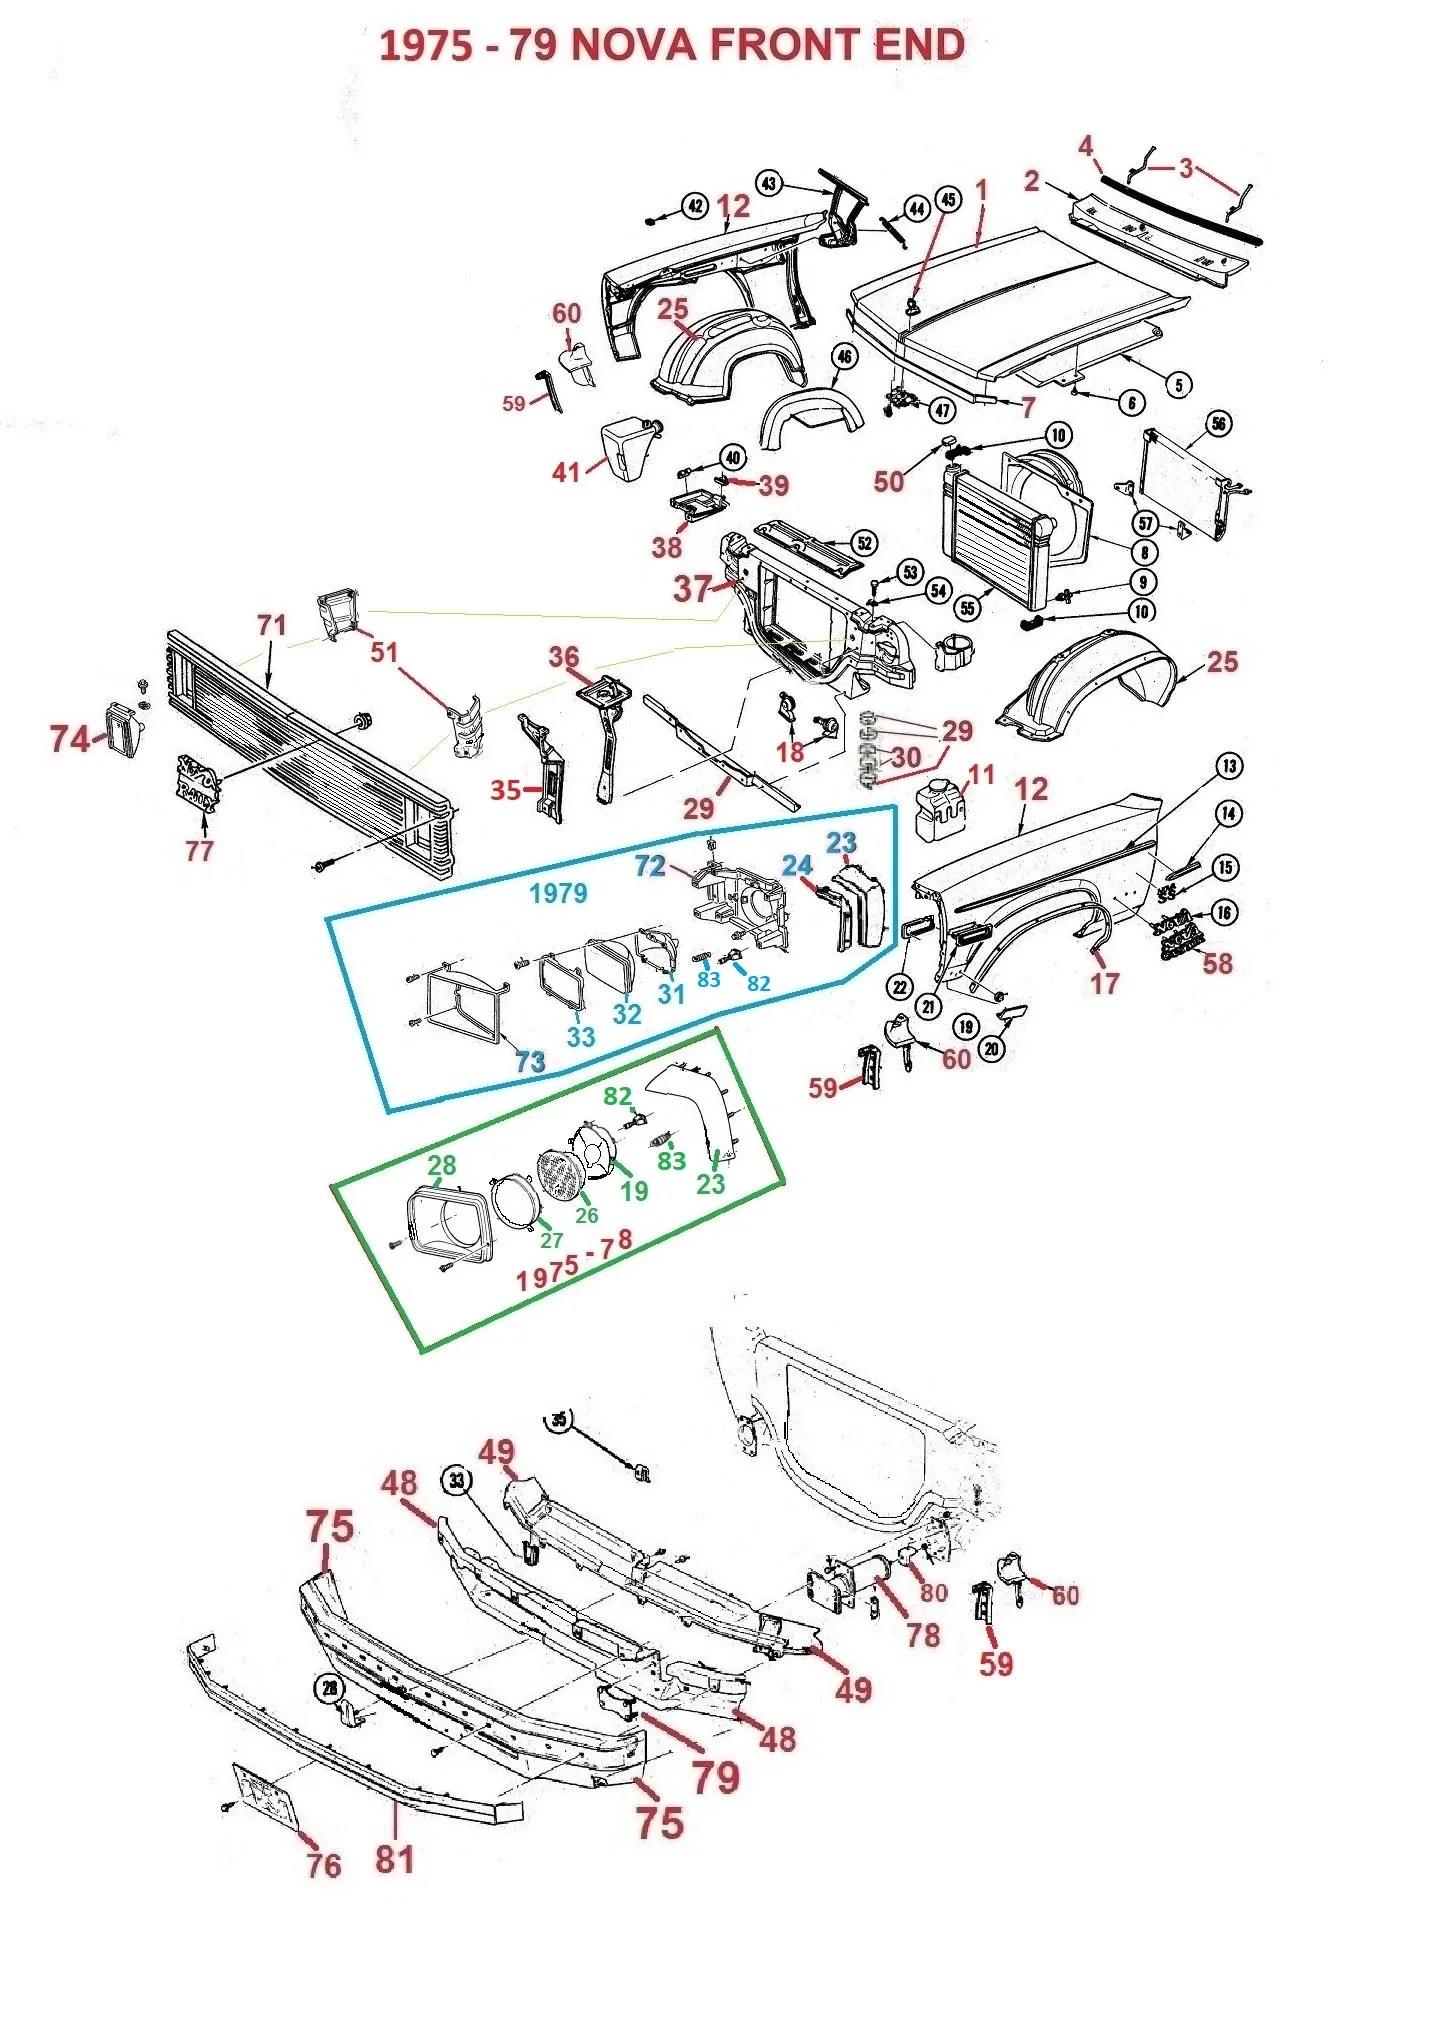 1976 nova wiring diagram 1962 75 79 nova front end parts chicago muscle car parts inc concours  [ 1448 x 2032 Pixel ]